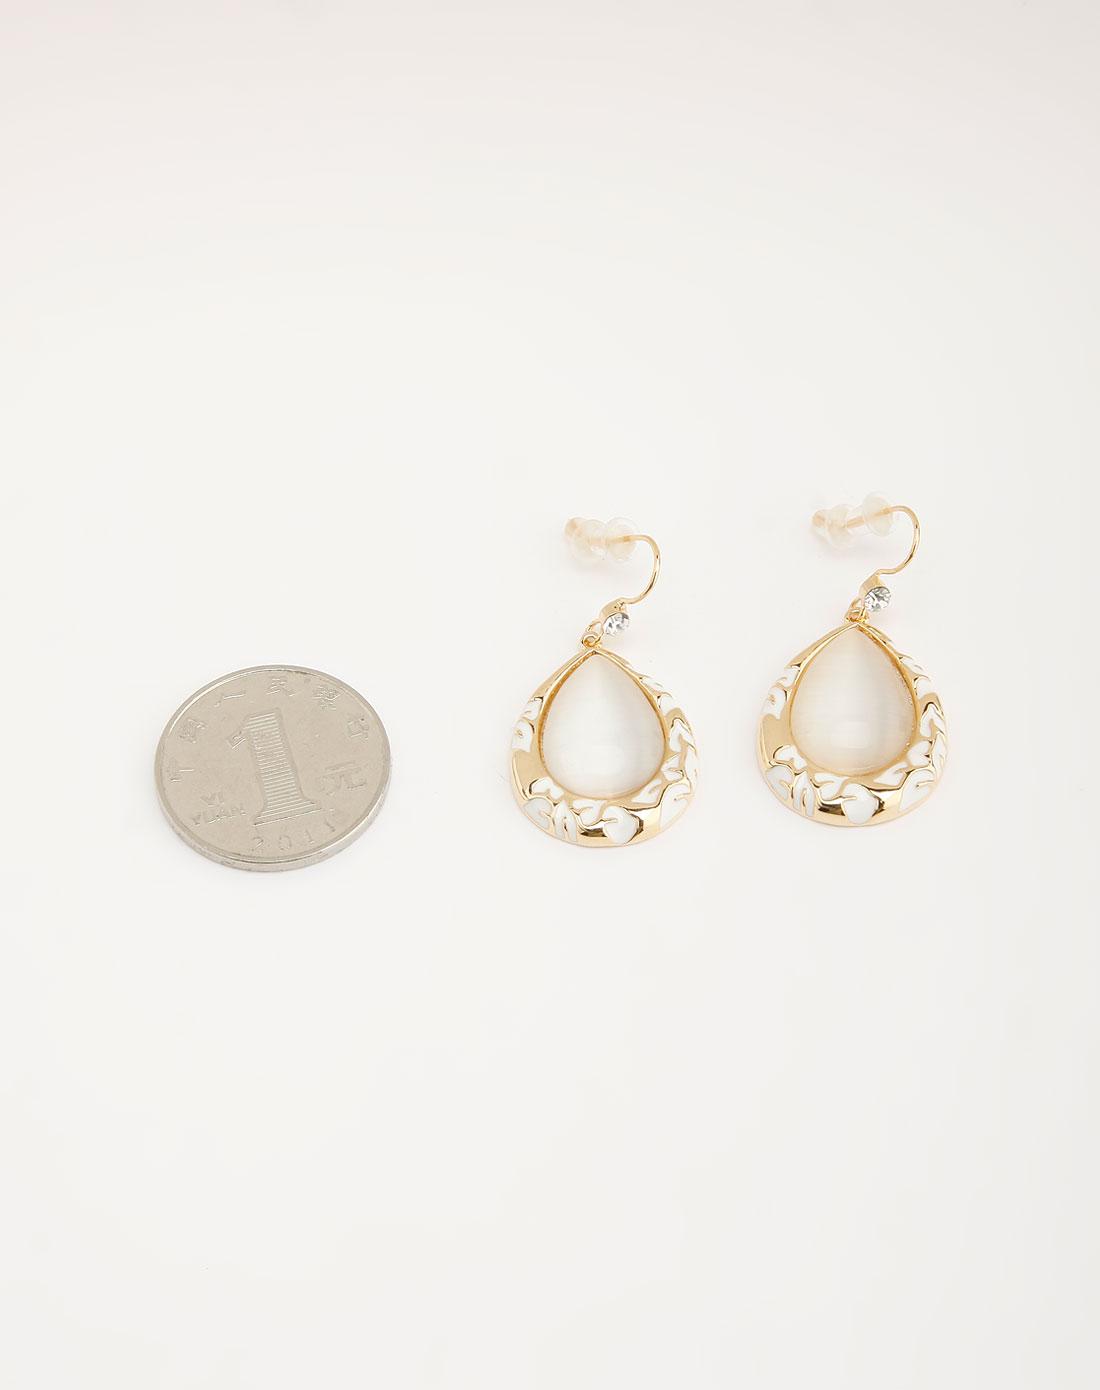 金色水滴形状高贵耳环